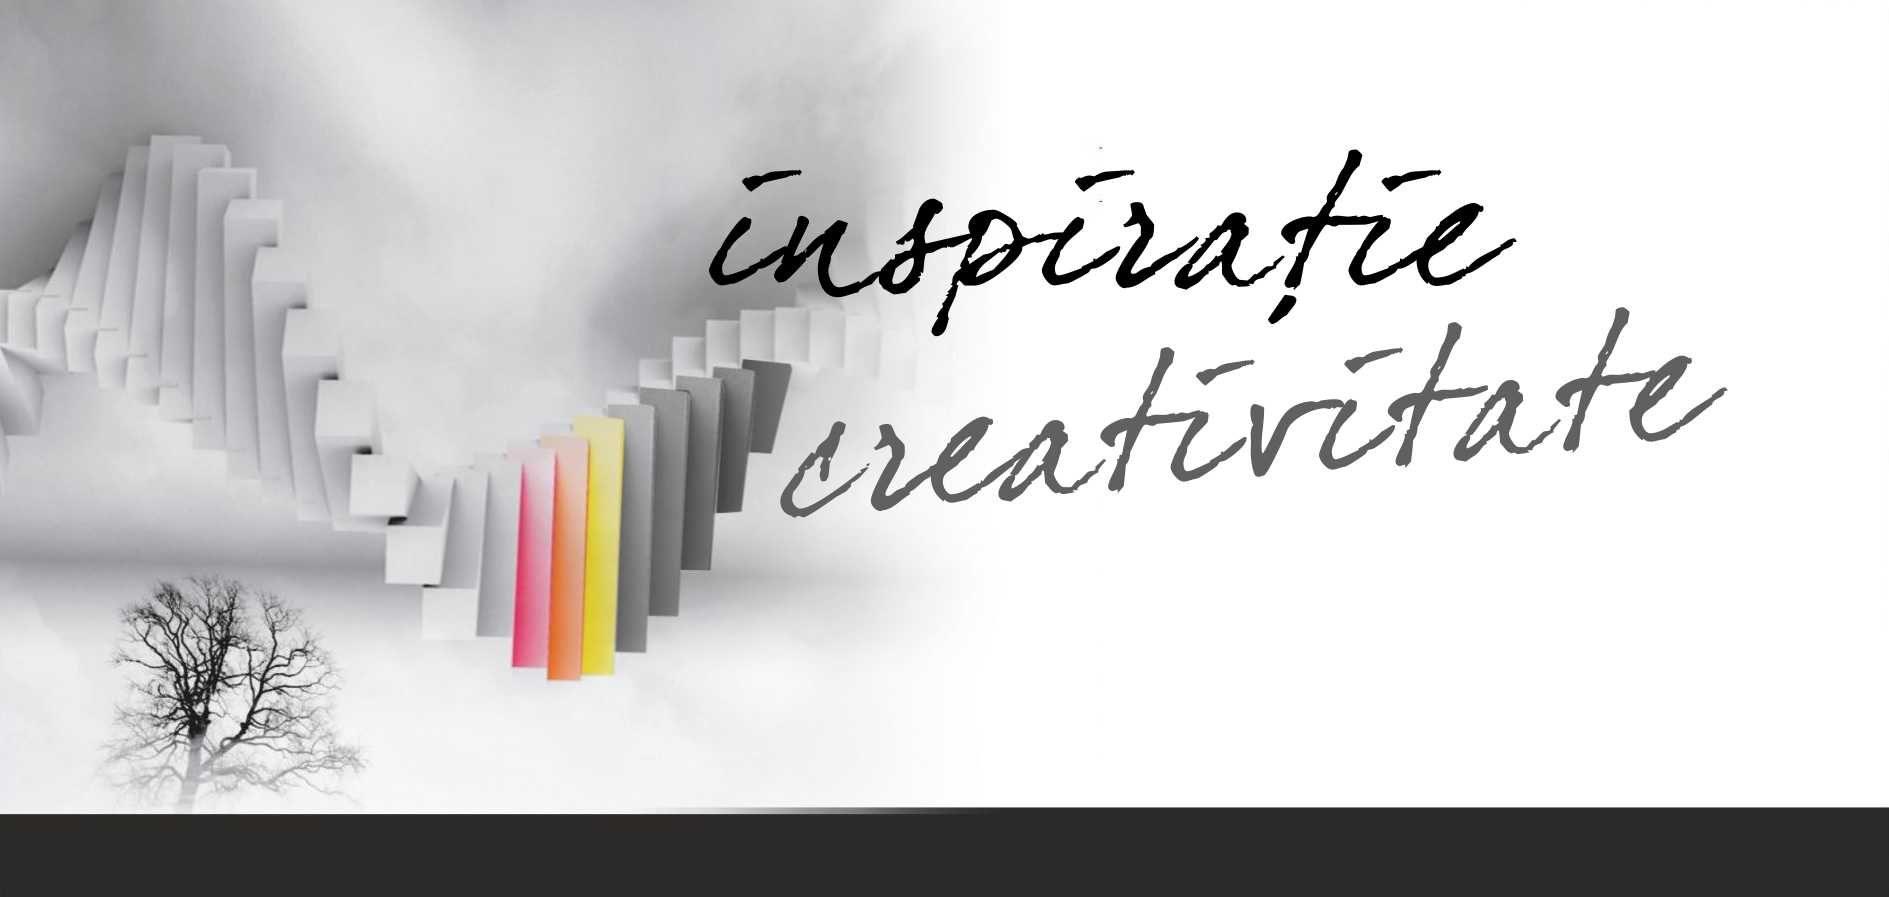 Fix Media - agenţie de publicitate full-service, cu servicii integrate şi mix de soluţii media adaptate nevoilor clientului.